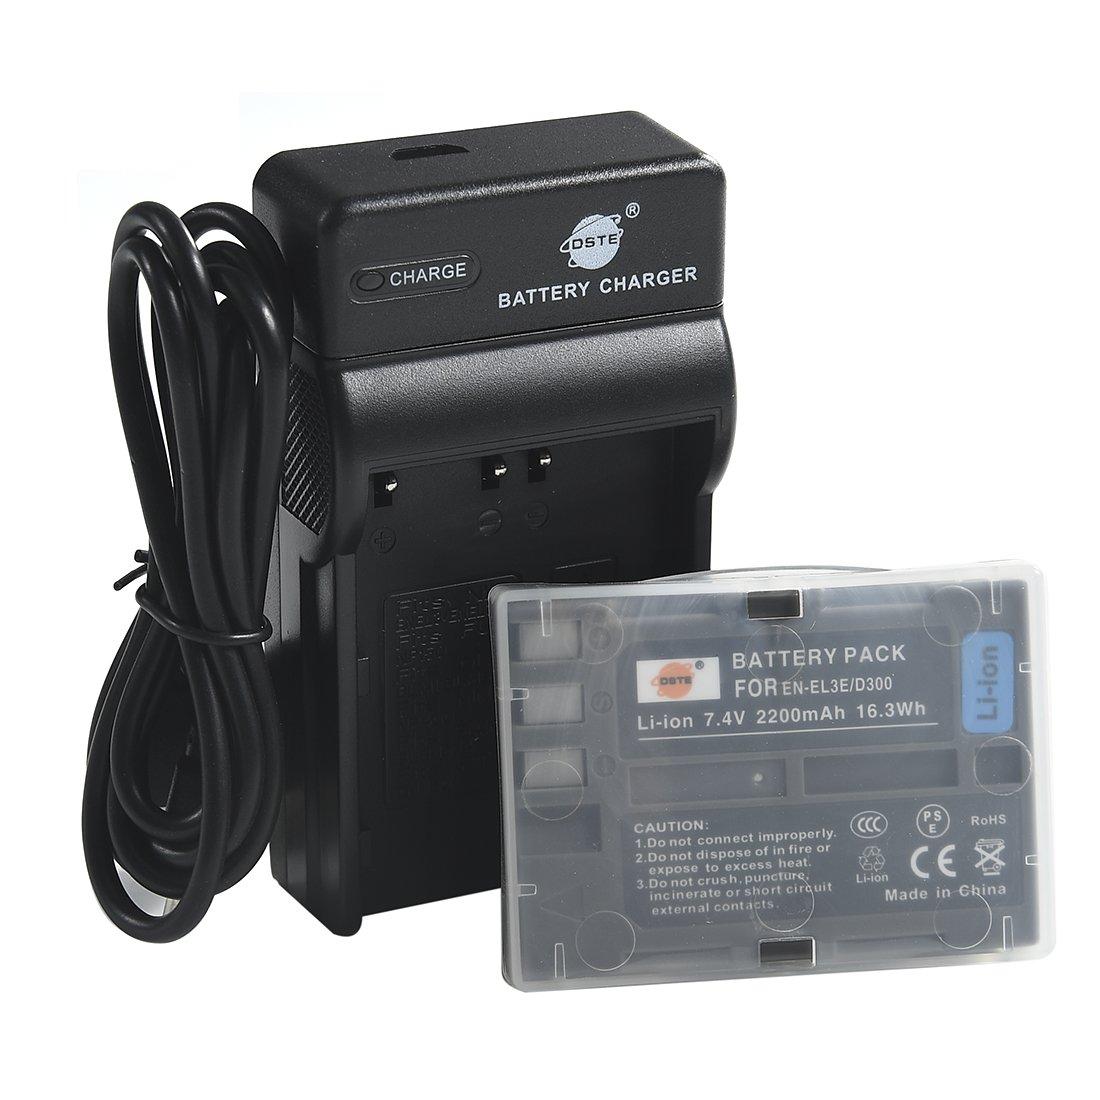 DSTE EN-EL3E Li-ion Batería Traje y cargador micro USB para ...